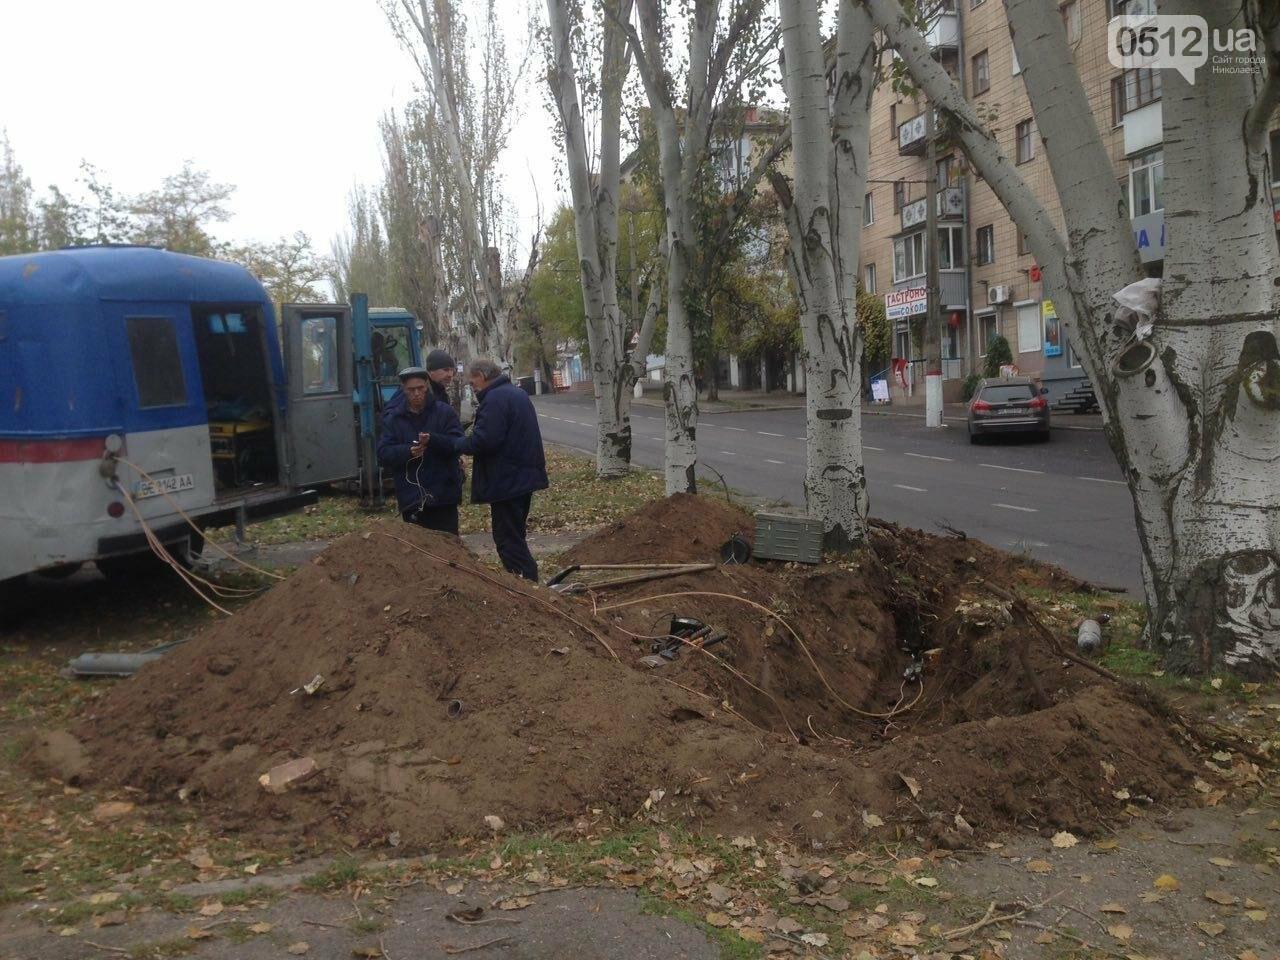 Сотрудники трамвайно-троллейбусного депо устанавливают высоковольтный кабель в центре Николаева, - ФОТО, фото-3